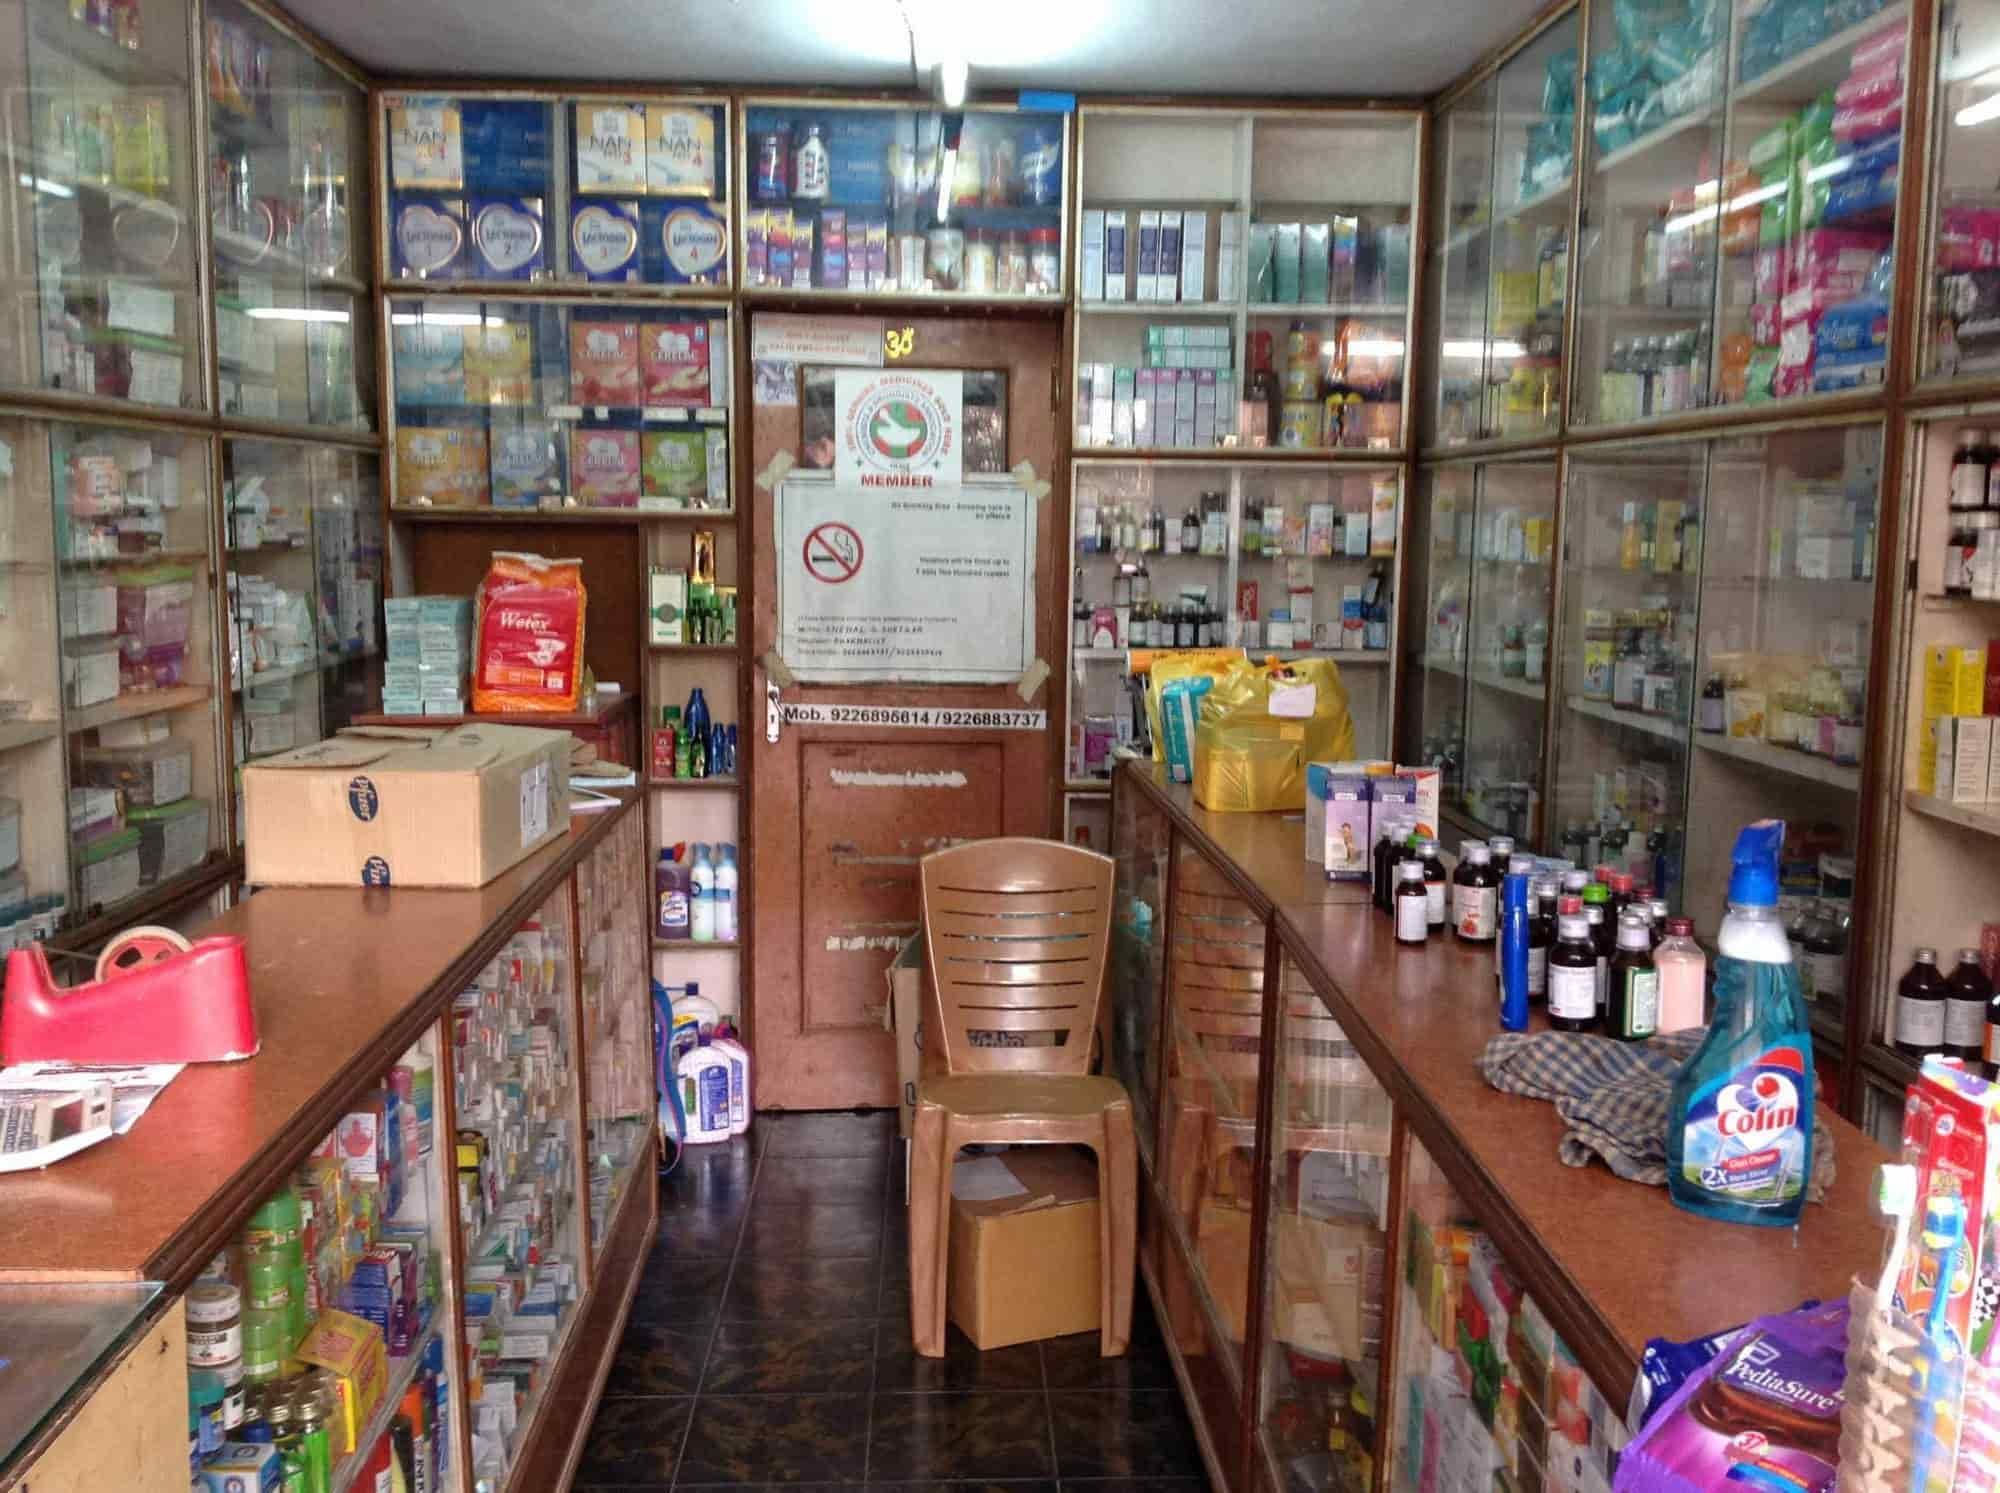 Sansri Medical Store Photos, Mapusa, Goa- Pictures & Images